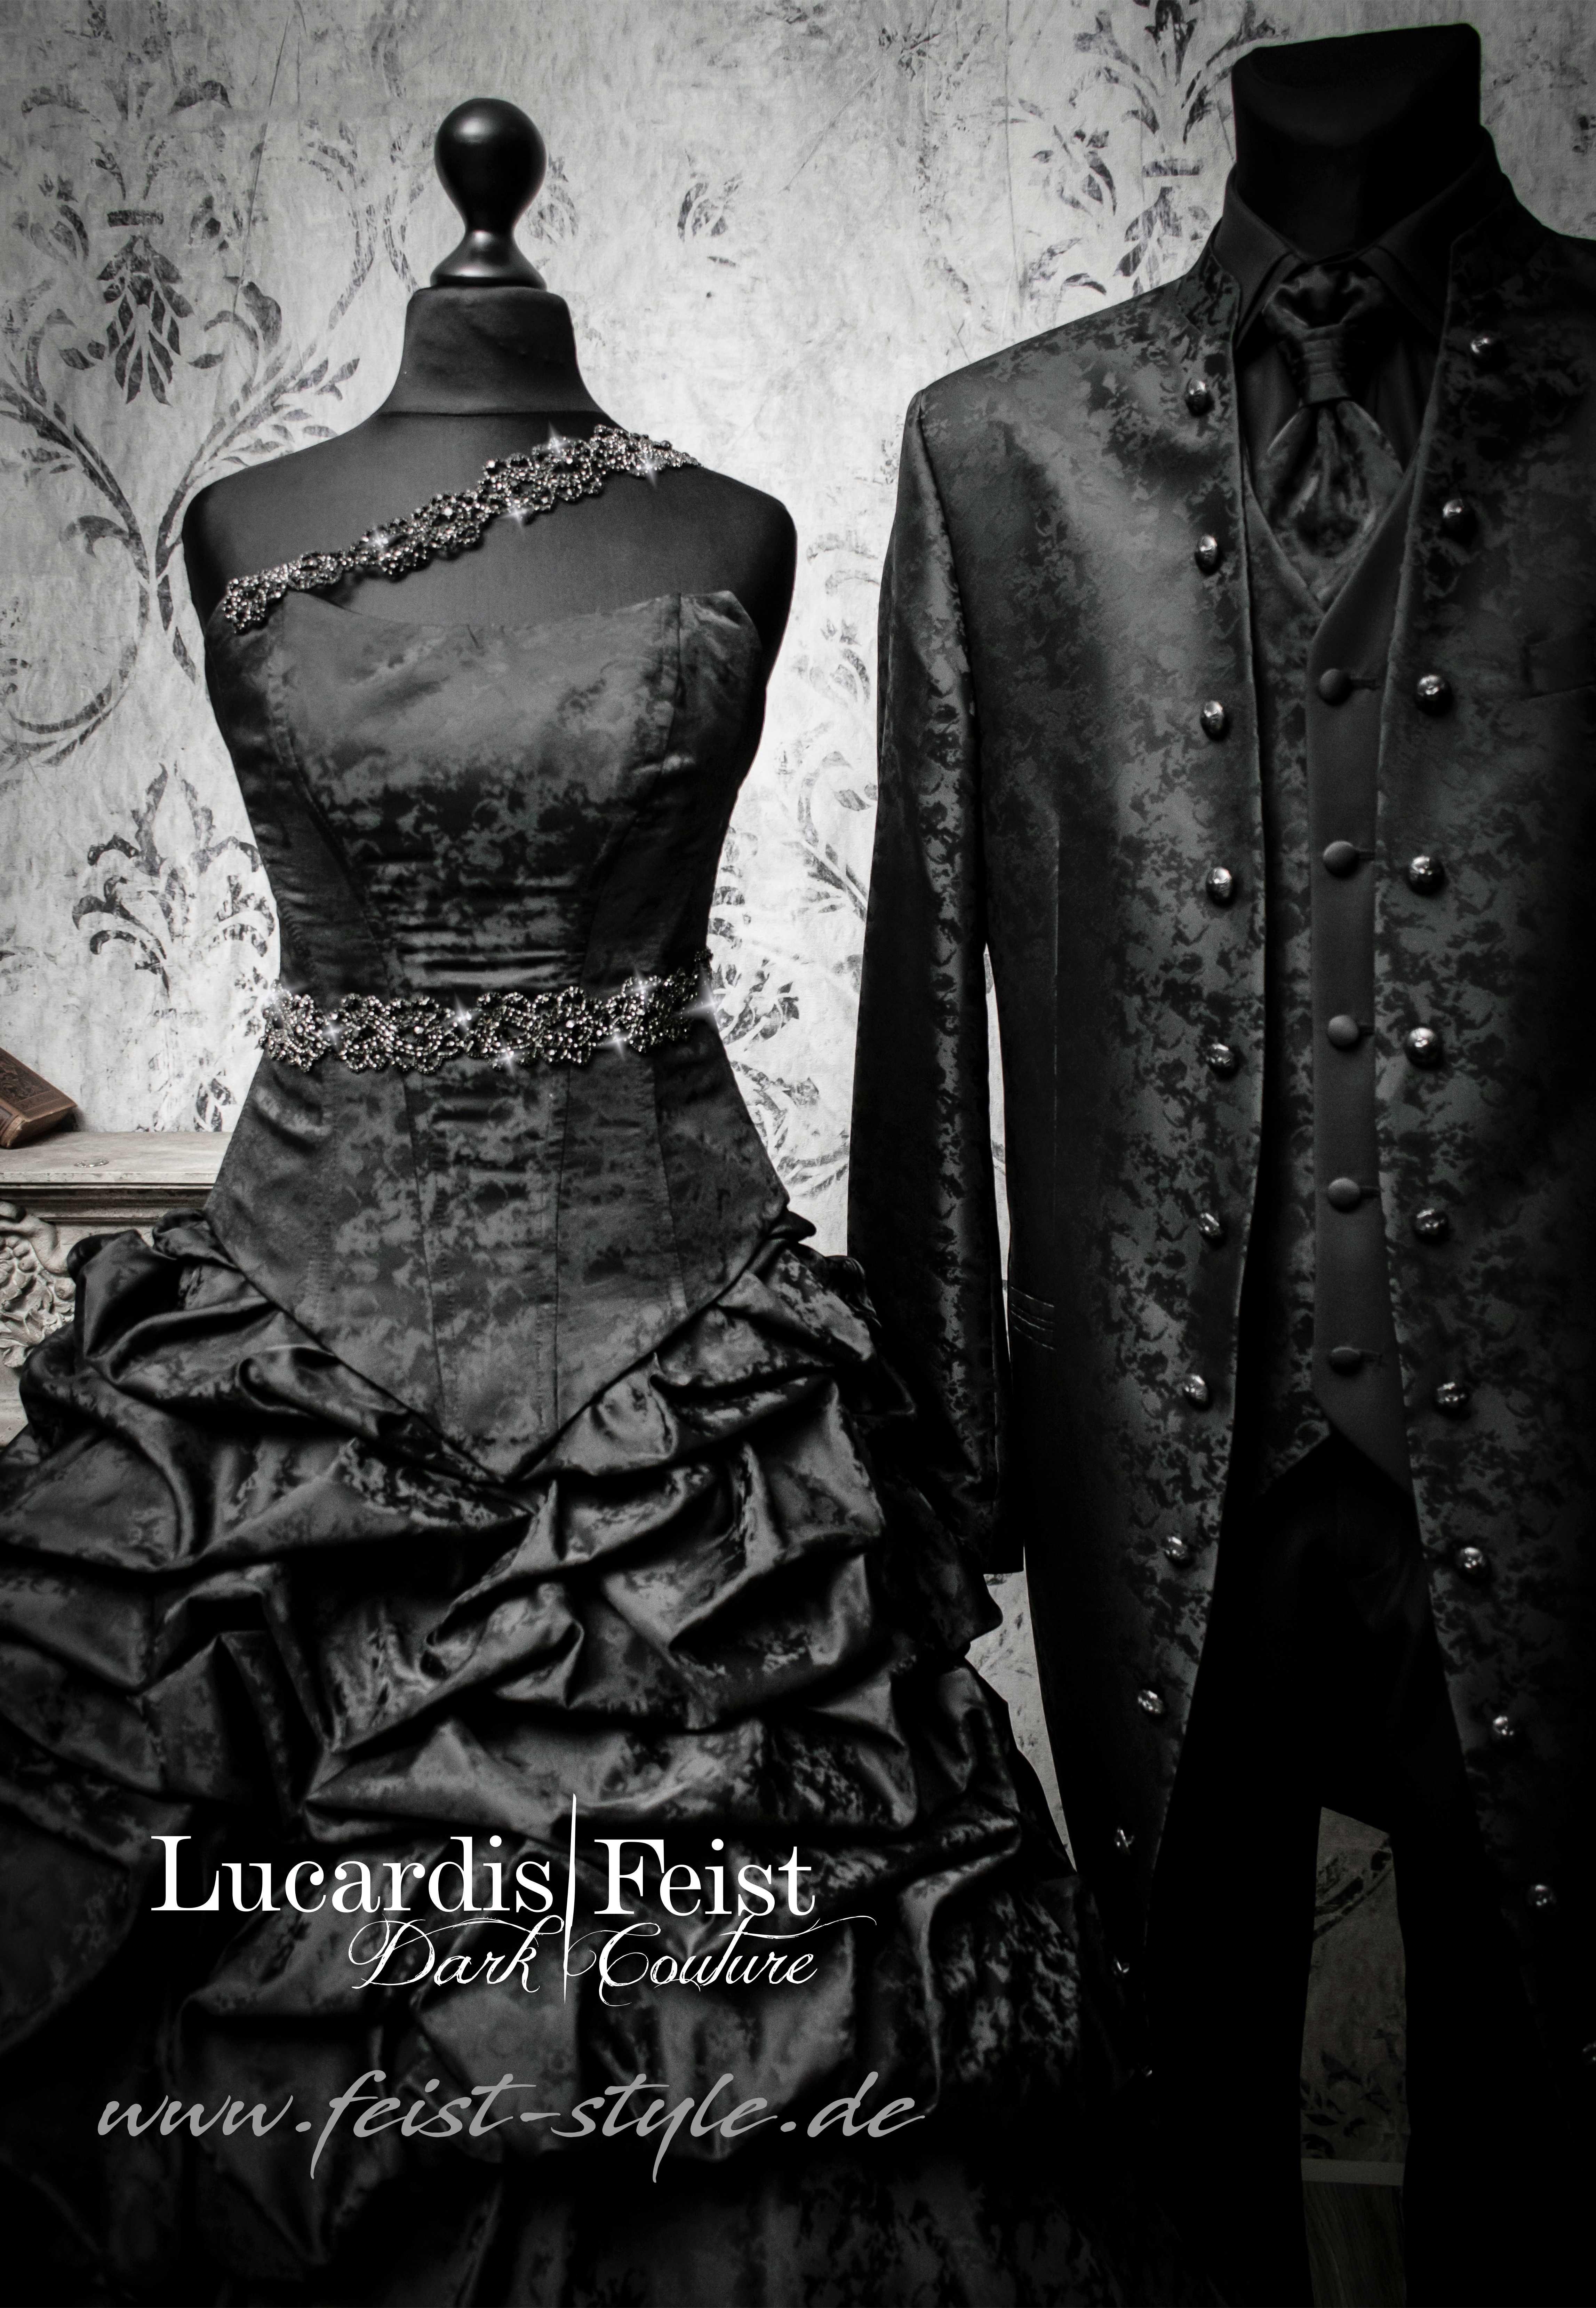 Das Brautkleid in Schwarz? Lucardis Feist  Brautmode, Schwarzes